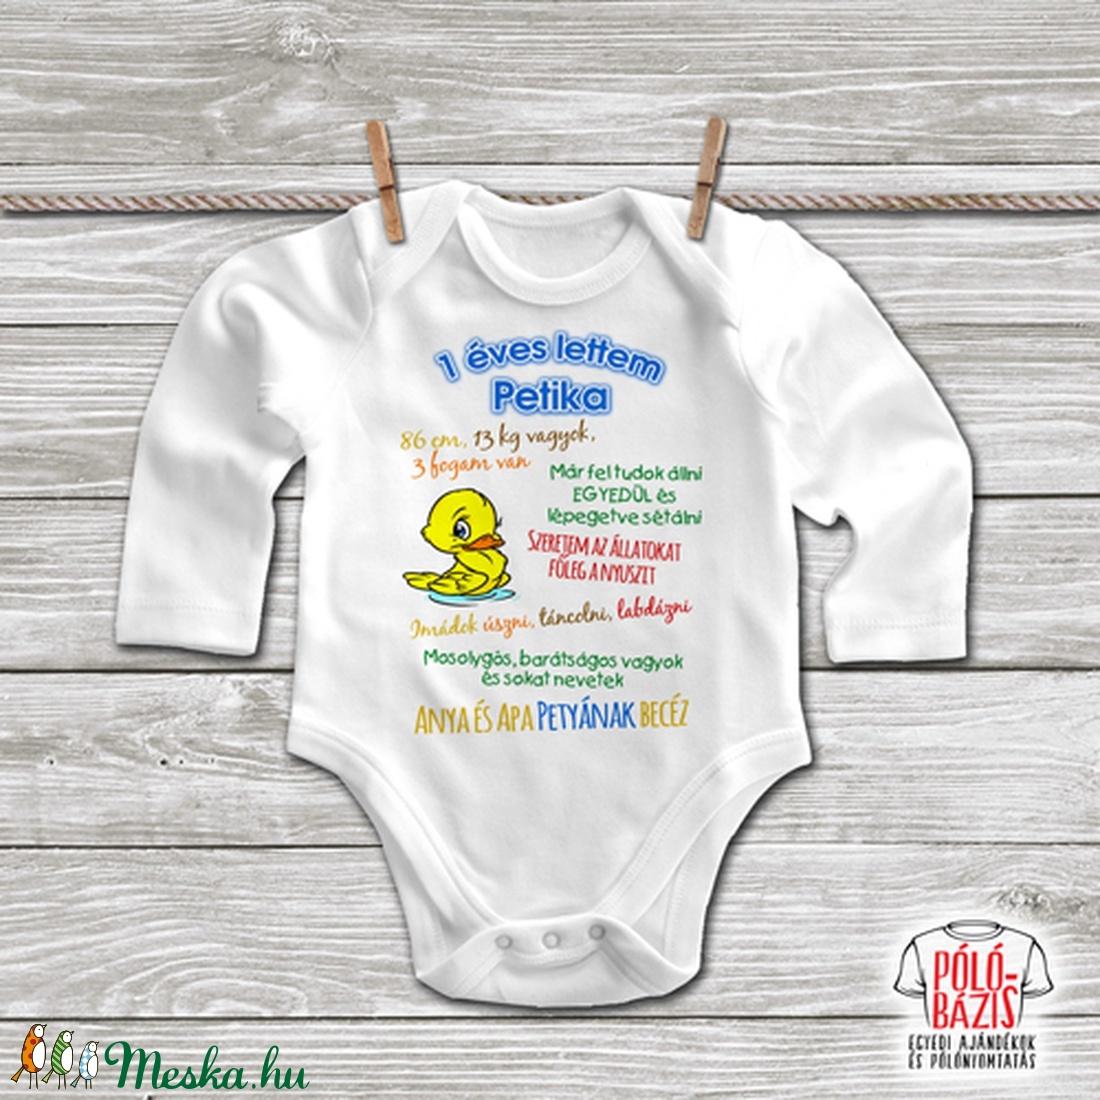 1 éves lettem, ezeket tudom már! Egyedi baby body - Fiús (PoloBazis) - Meska.hu